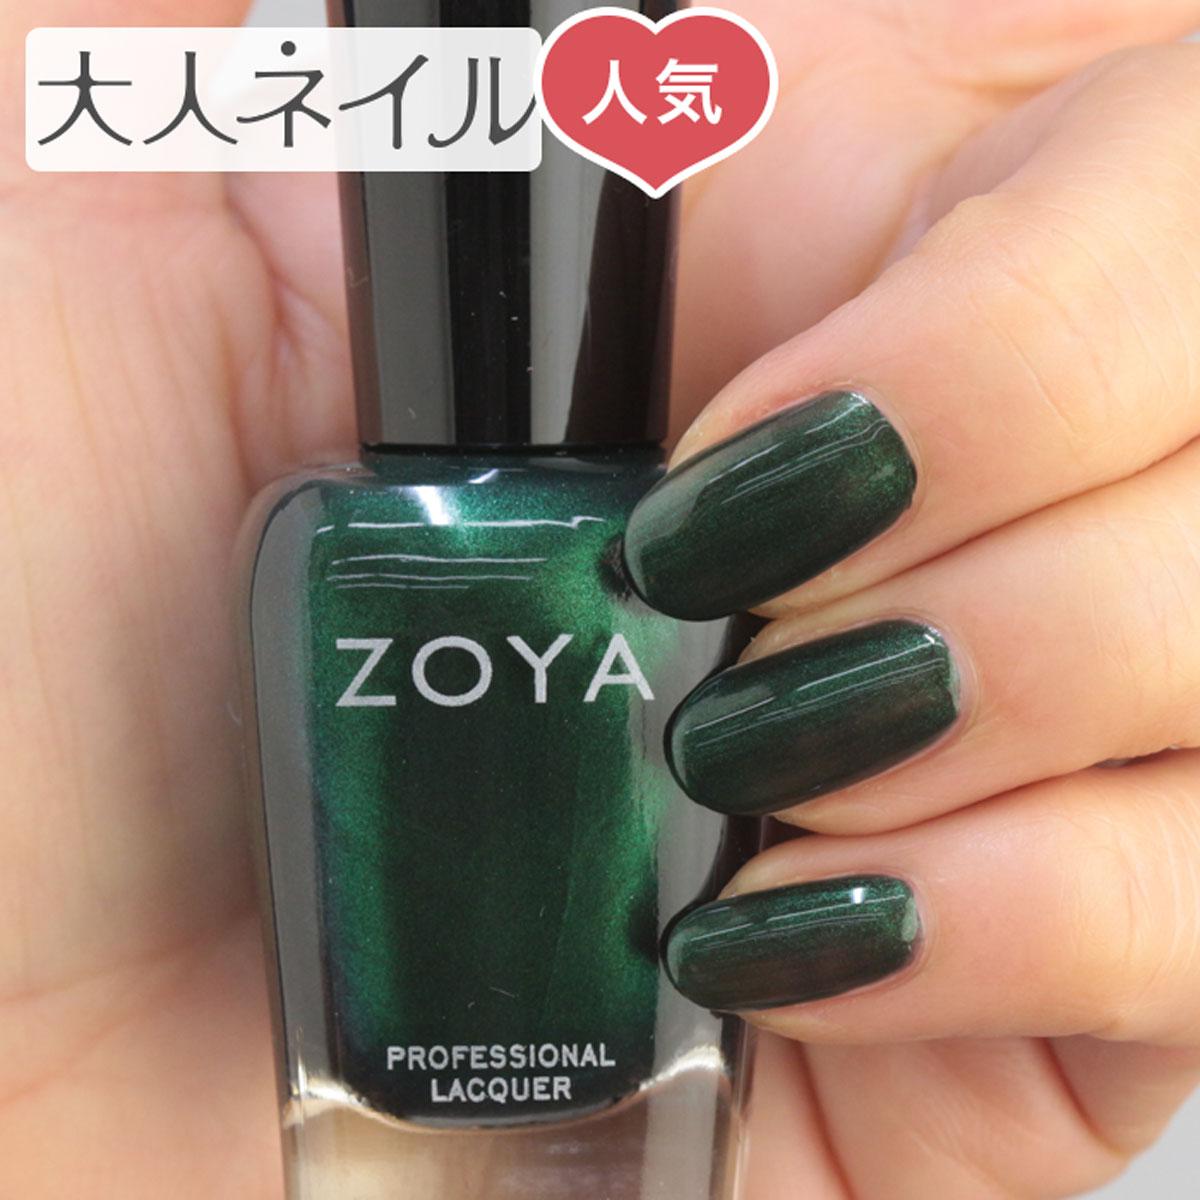 ZOYA ゾーヤ ゾヤ ネイルカラー ZP1060 15mL REGINA 自爪 の為に作られた ネイル 爪にやさしい 自然派 マニキュア zoya セルフネイル にもおすすめ パール エメラルドグリーン ホリデー クリスマス